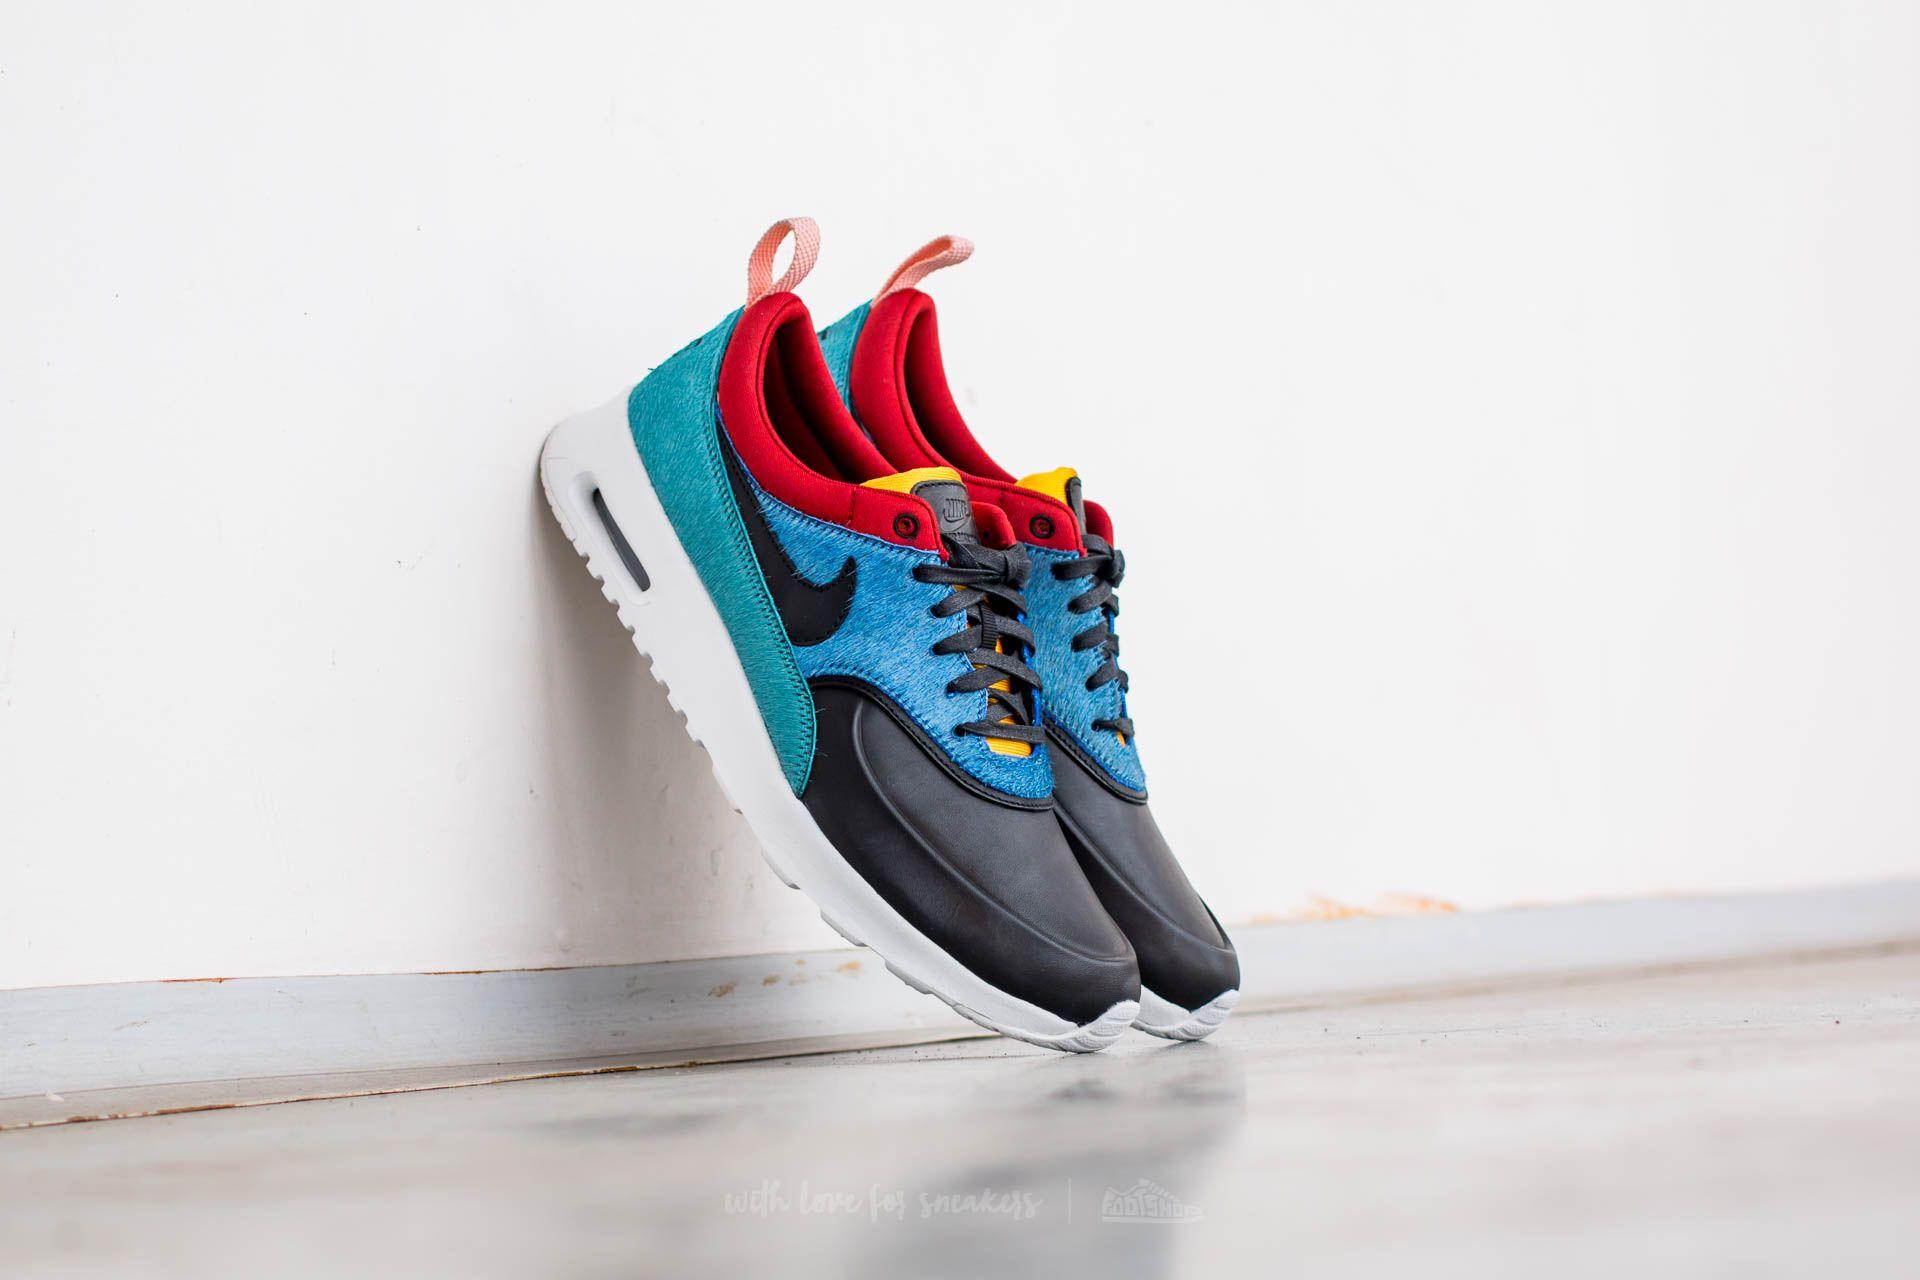 Nike Wmns Air Max Thea Premium Star Blue/ Black-Dark Cayenne